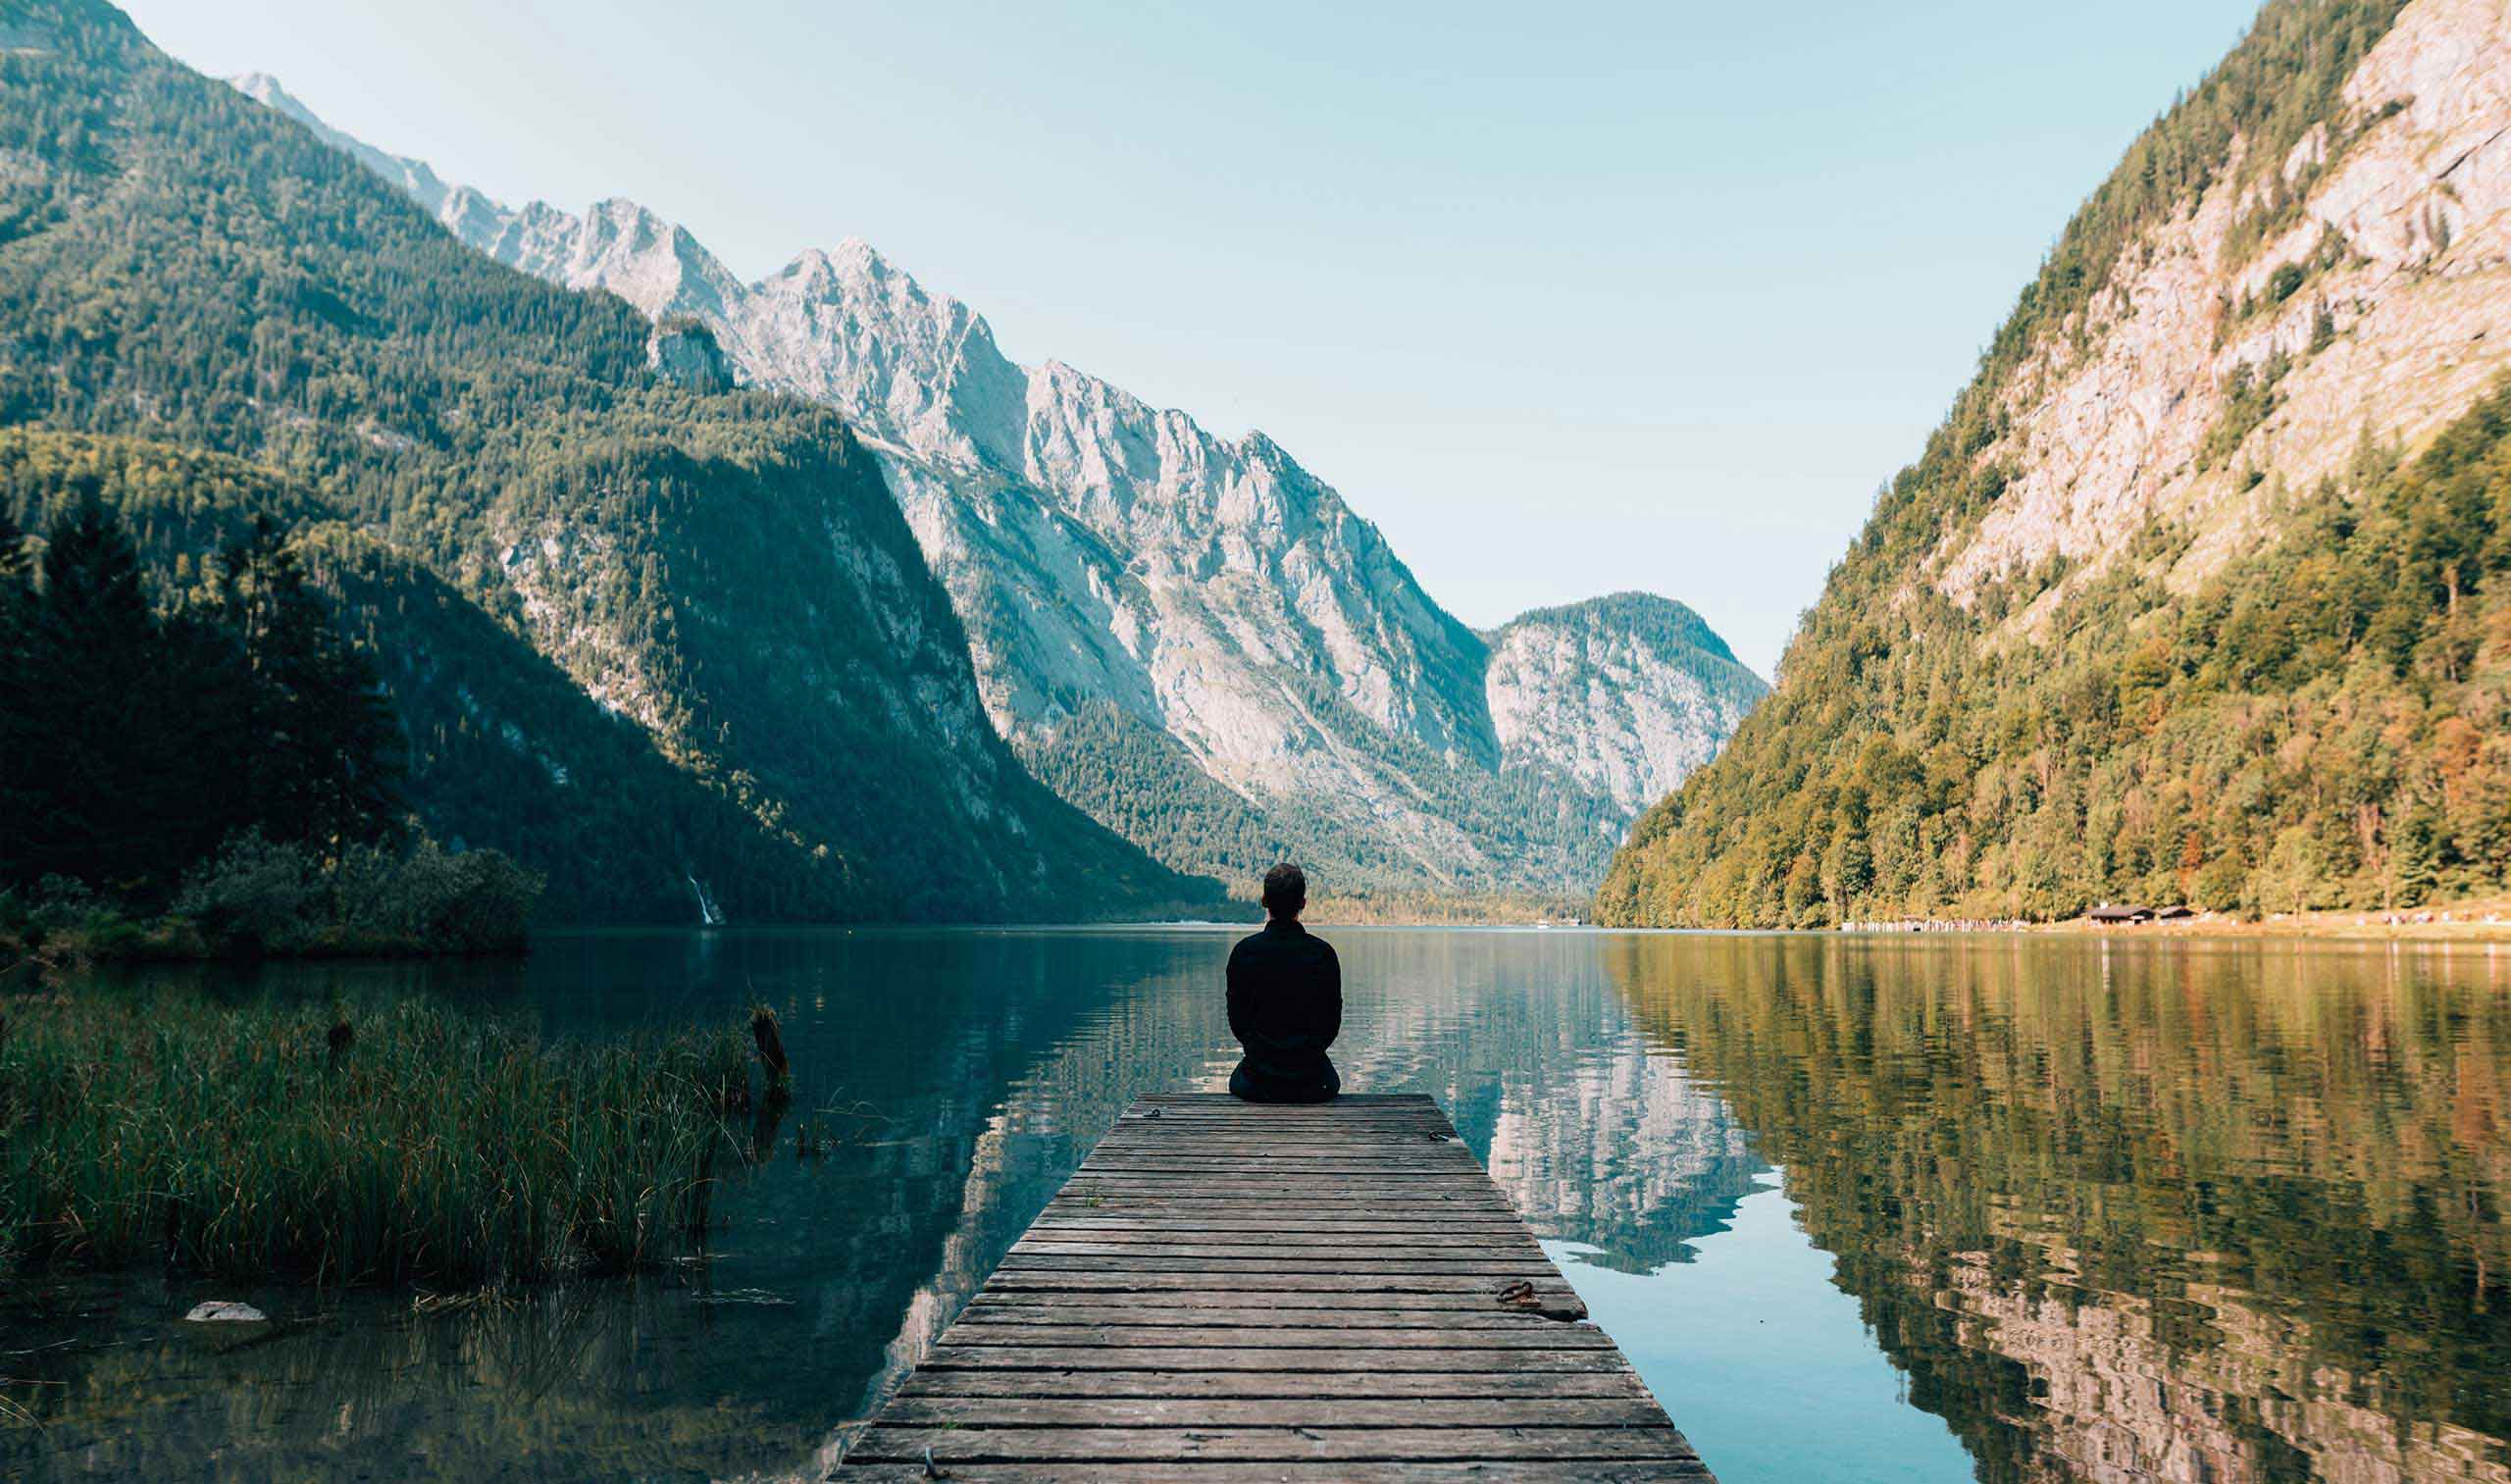 Mann mediitiert so wie bei Baghwan